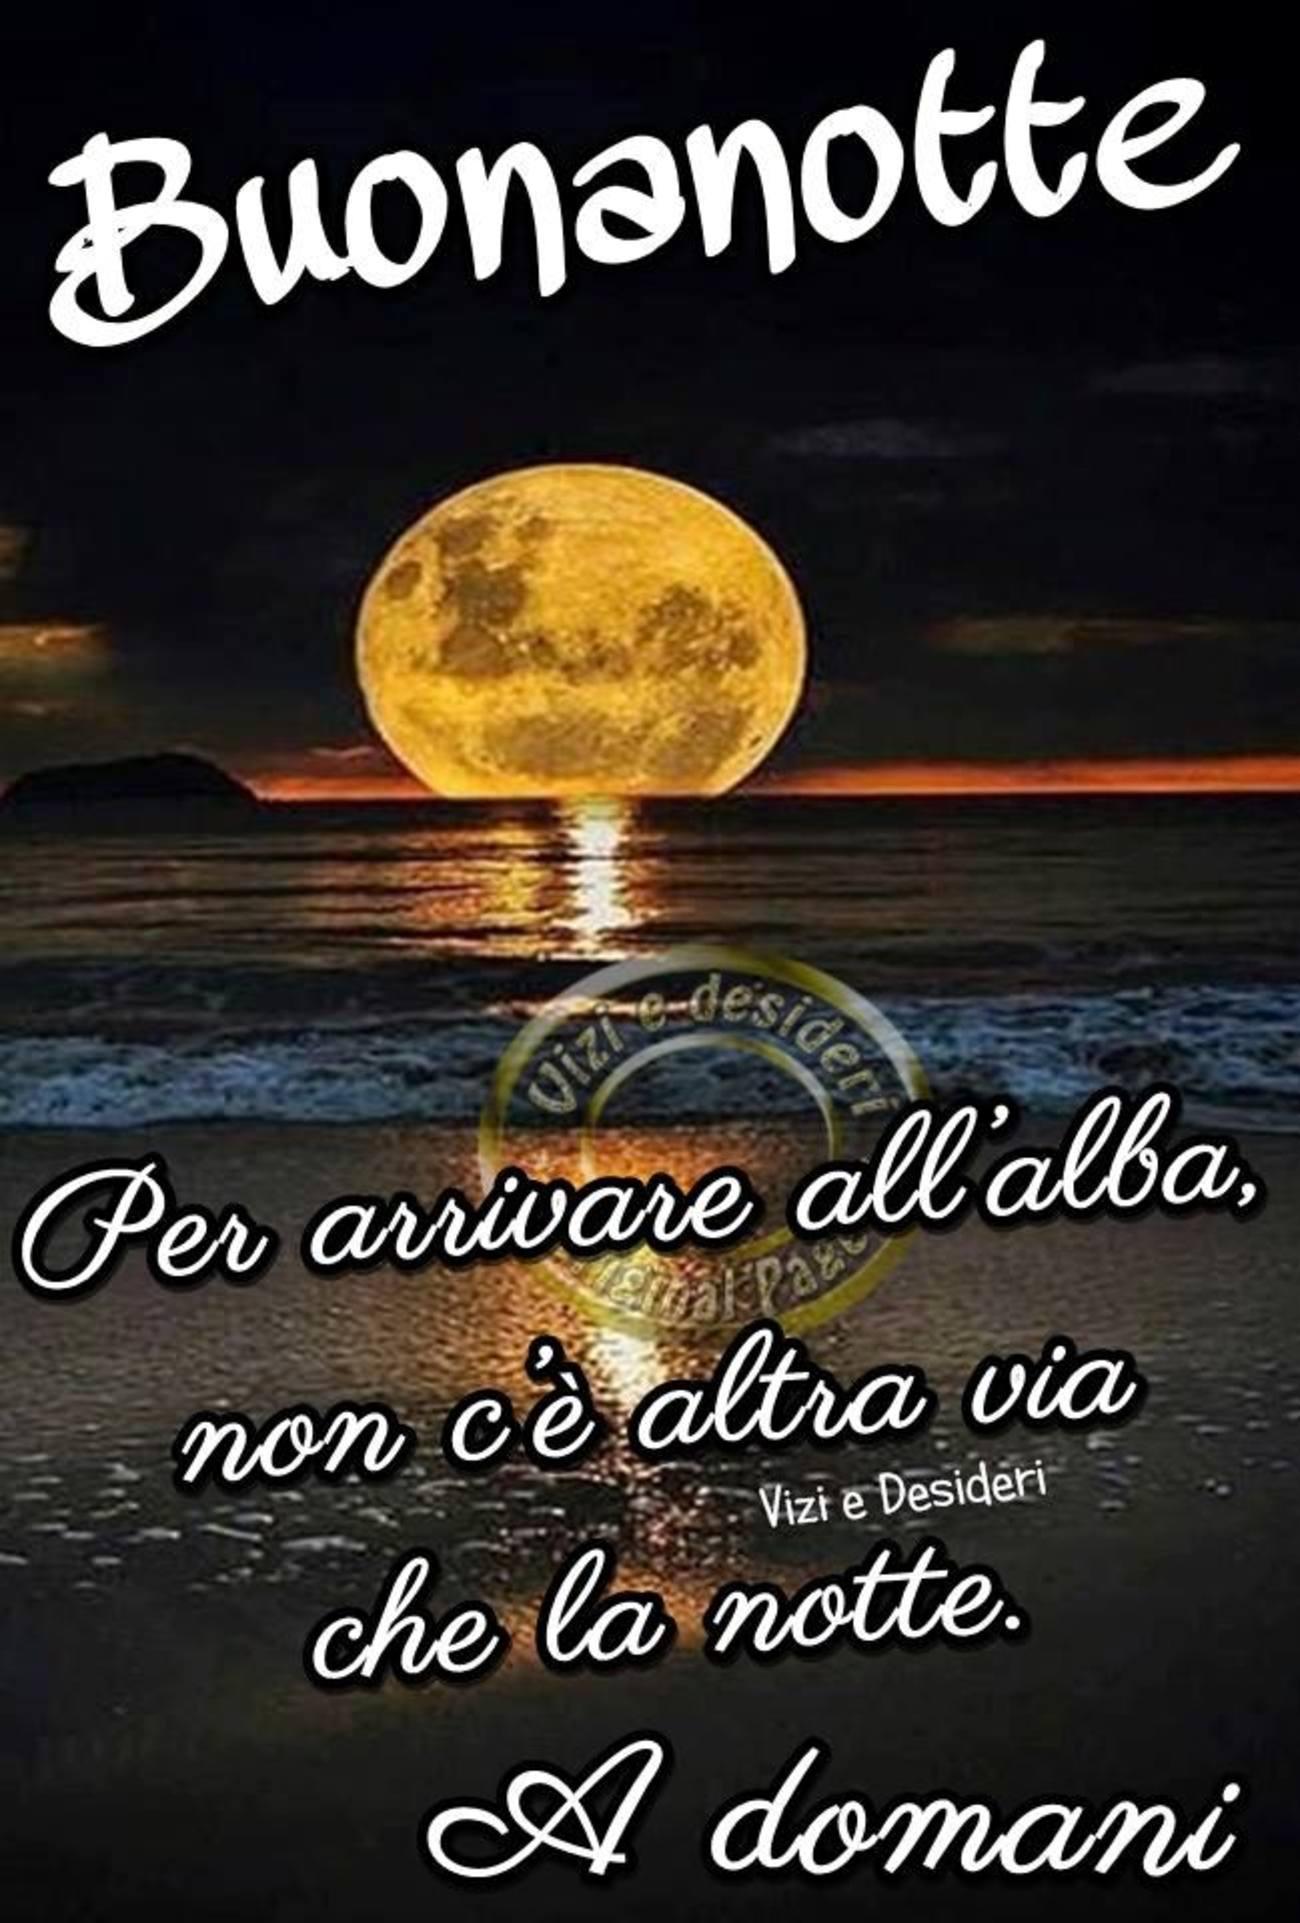 Buonanotte Belle Immagini Nuove 6 Buongiornoate It